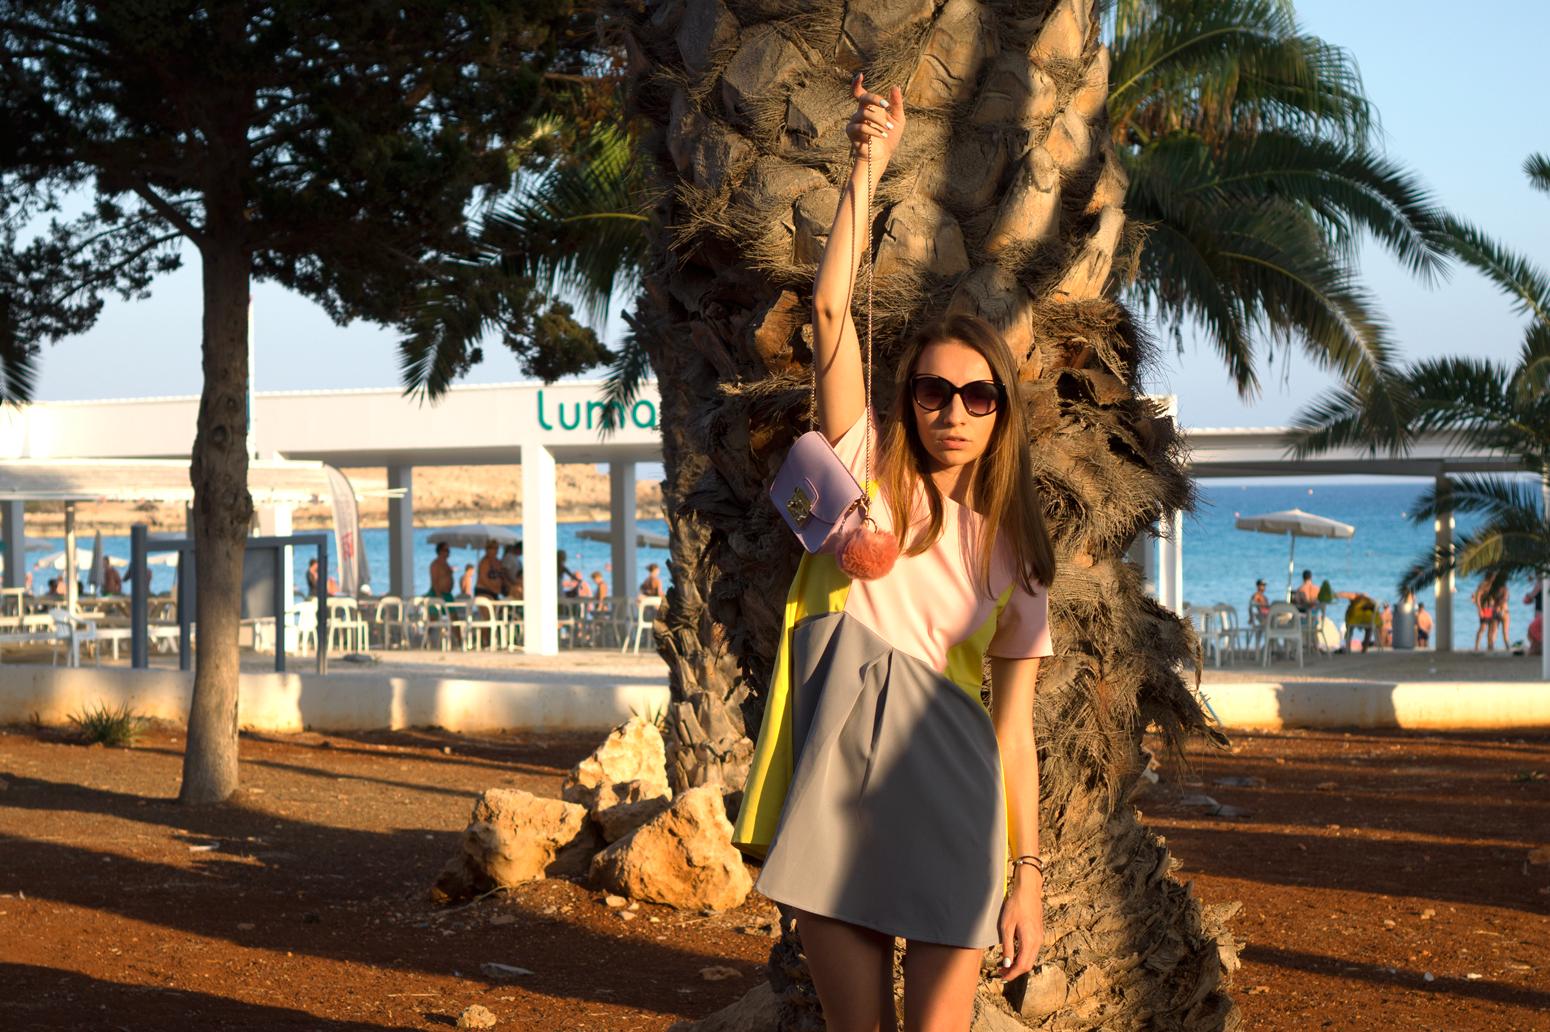 cyprus kateillustrate shein